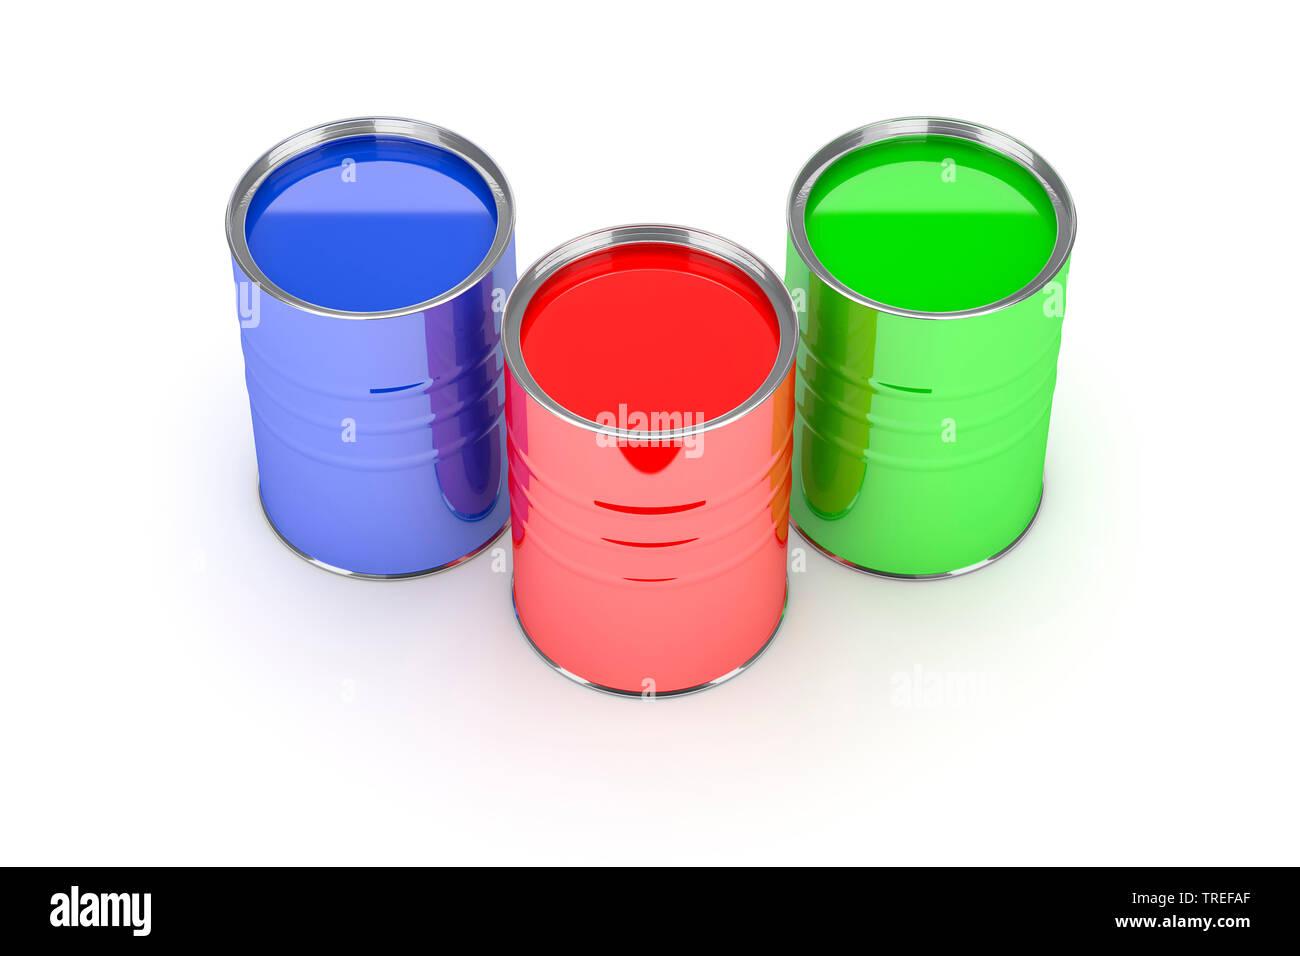 Drei Farbeimer mit Farben in Rot, Gruen und Blau vor weissem Hintergrund | Three paint pots with paint in red, blue and green tones on white surface | - Stock Image